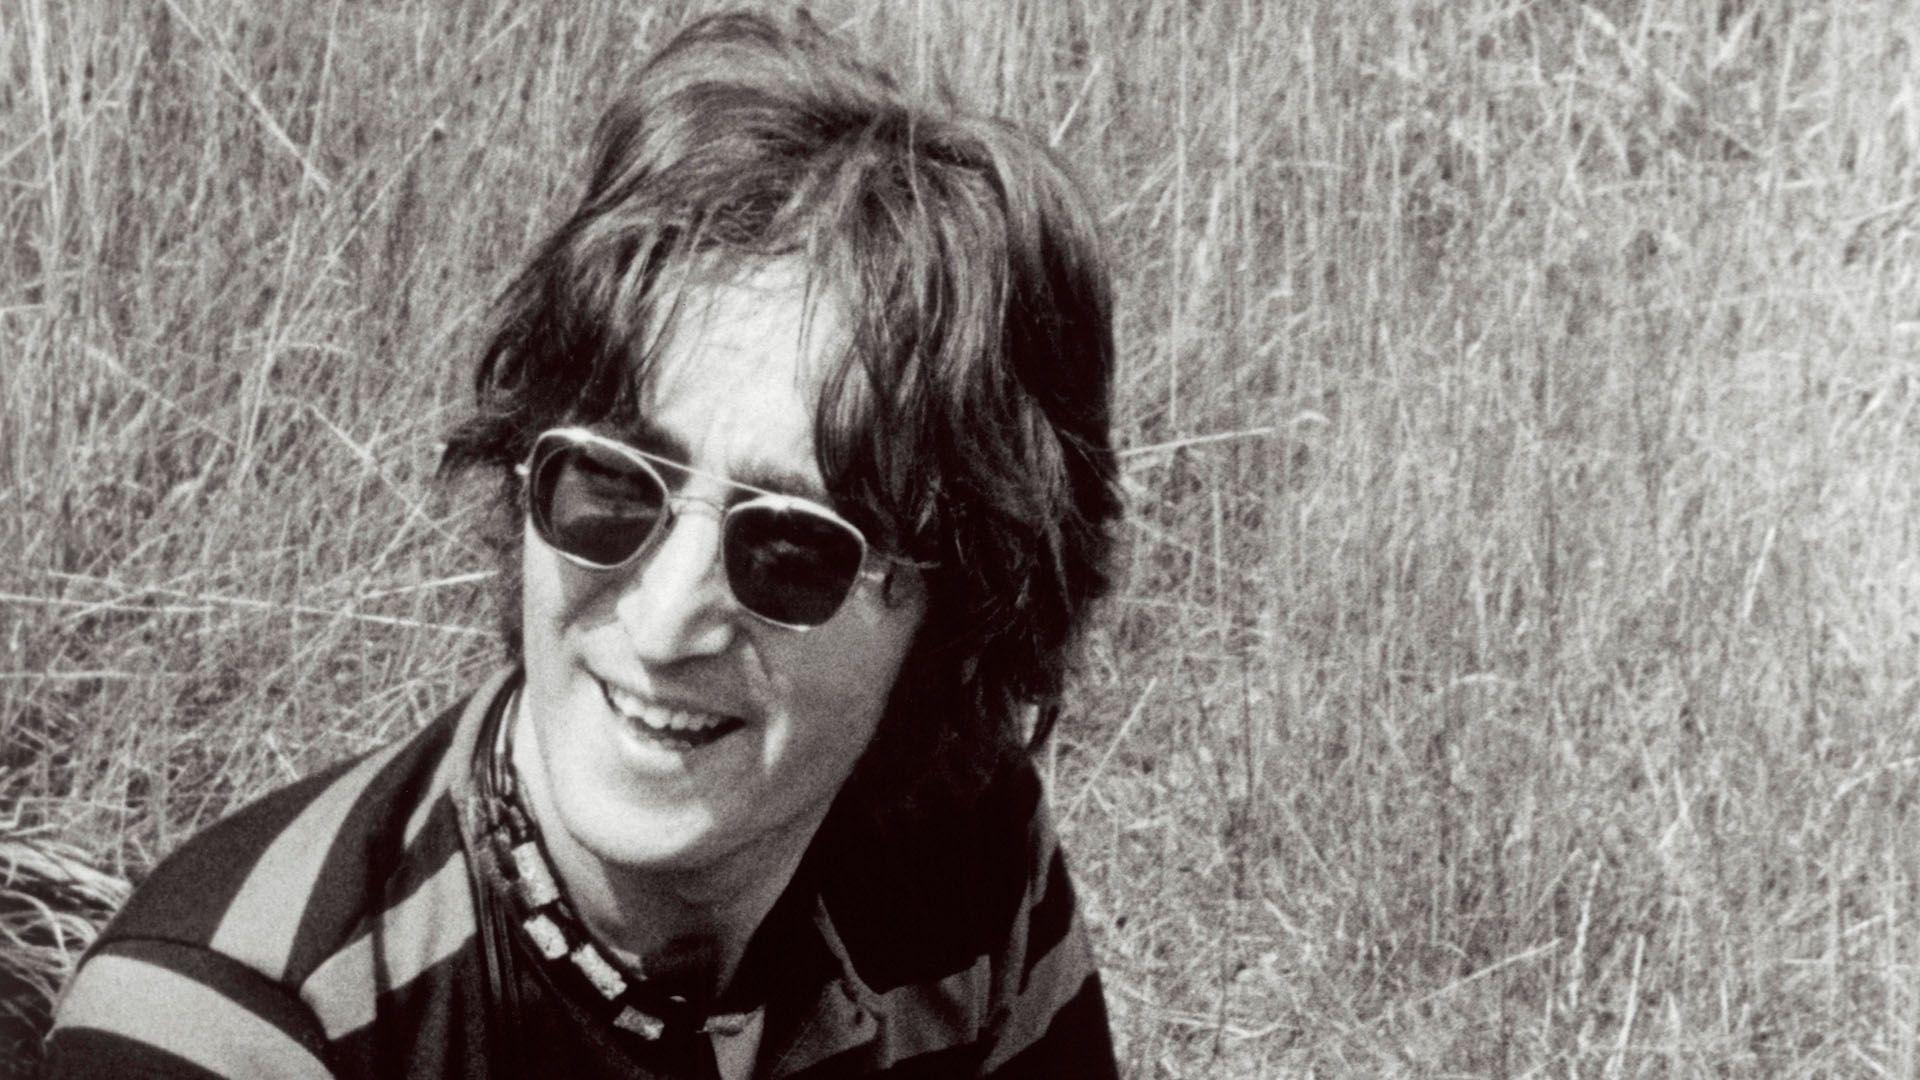 John Lennon Wallpaper Hd John Lennon Lennon The Beatles